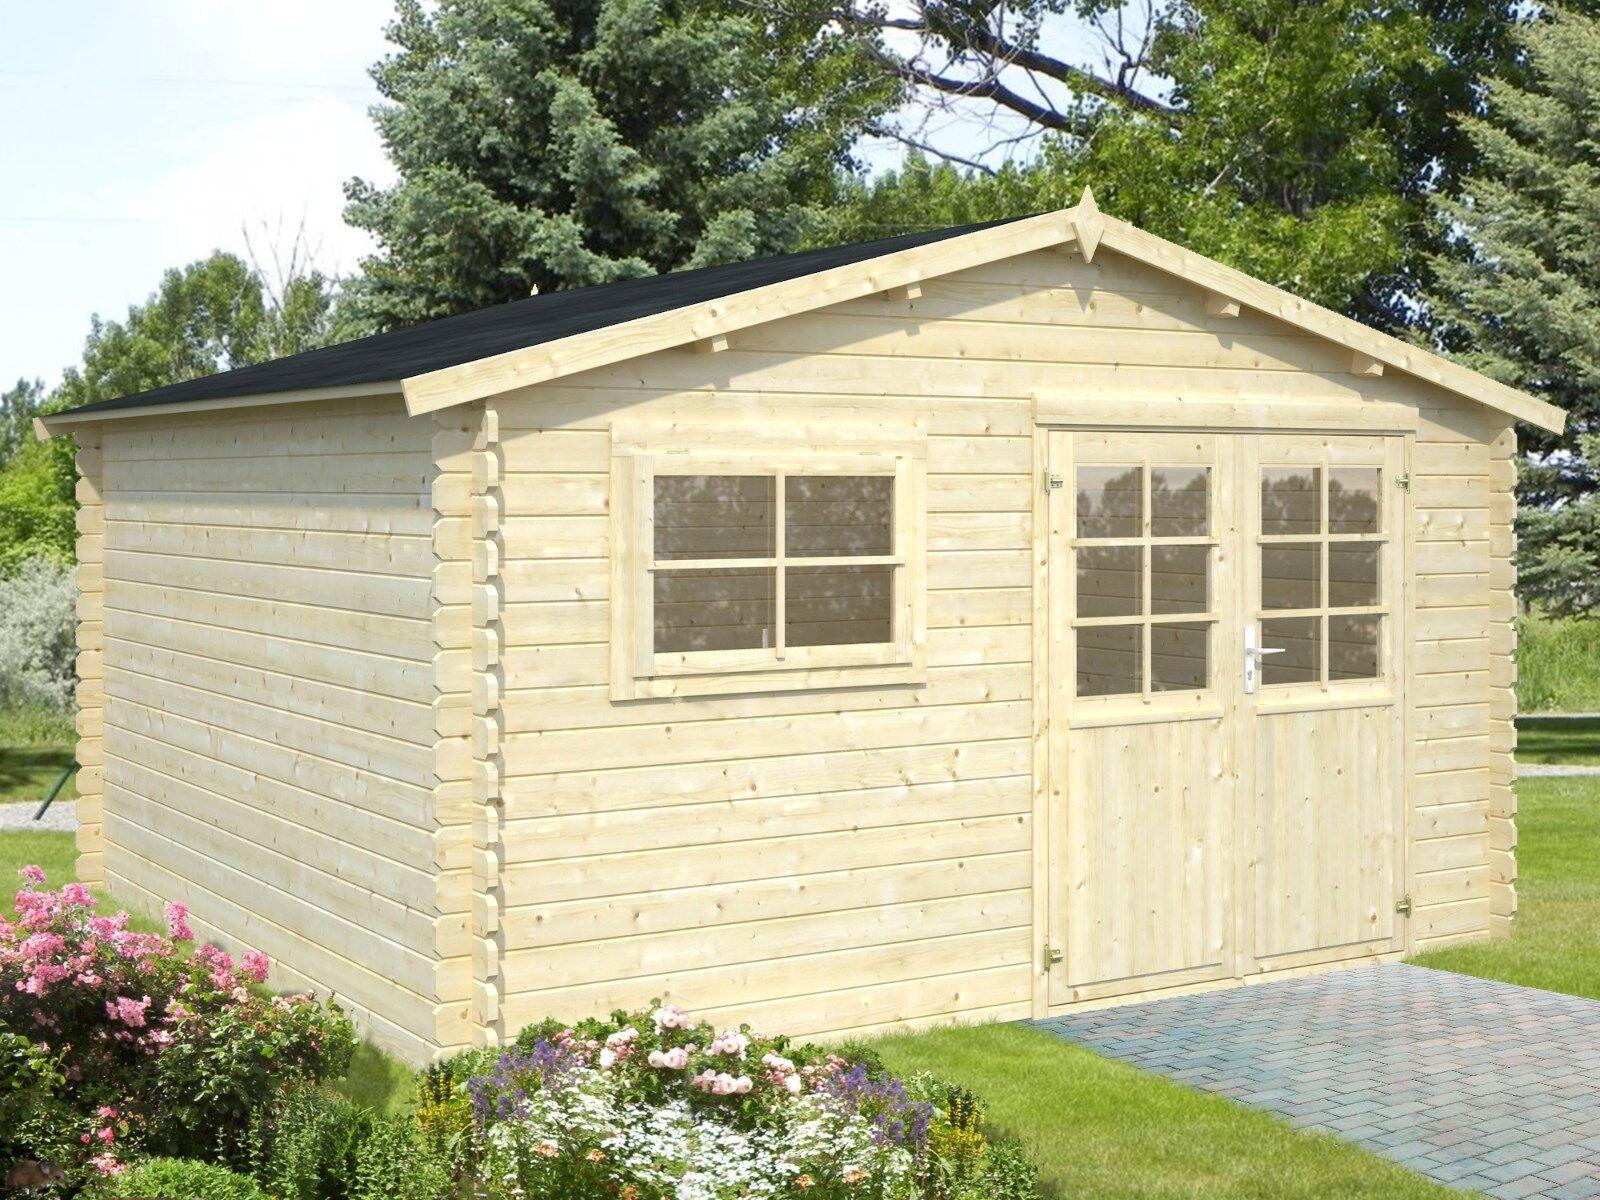 28mm gartenhaus karlsruhe 400x400 cm ger tehaus holz for Fenster 400x400